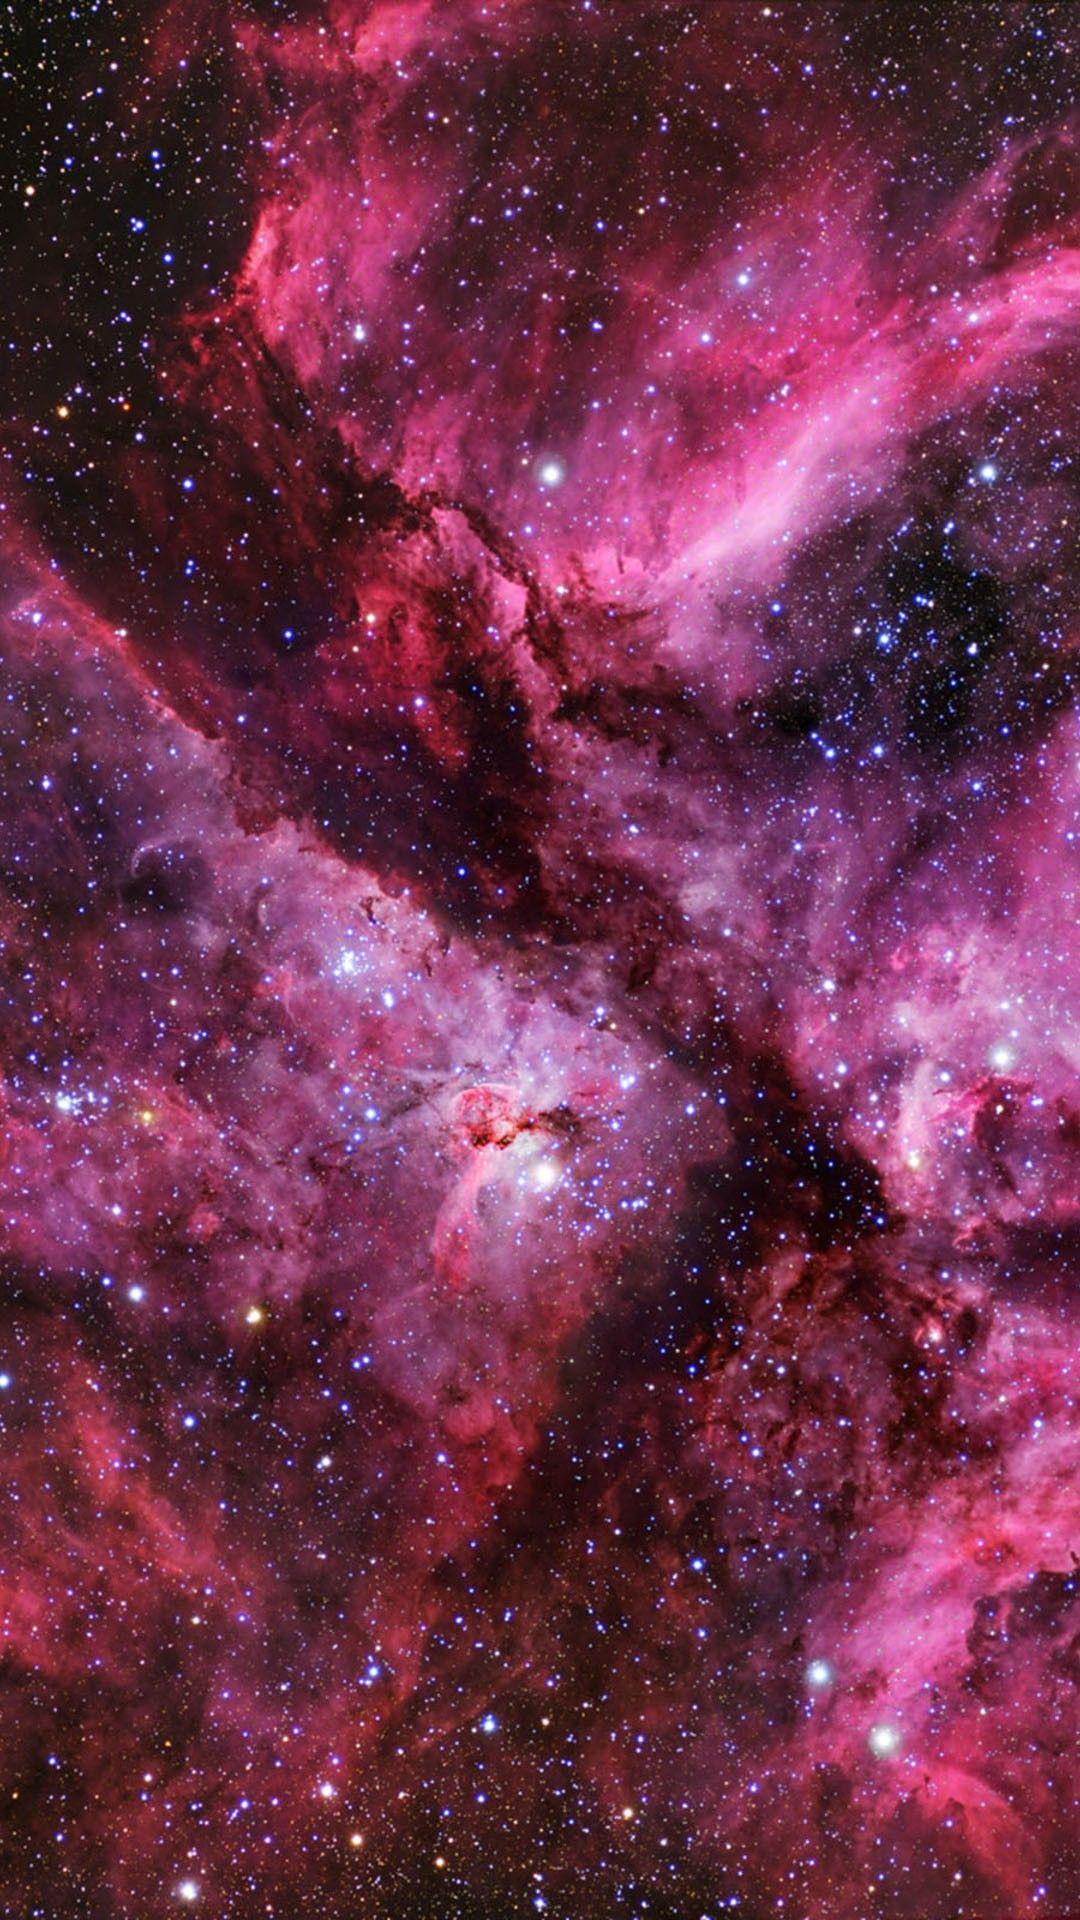 Hd Smartphone Wallpaper Galaxies Wallpaper Cool Galaxy Wallpapers Smartphone Wallpaper